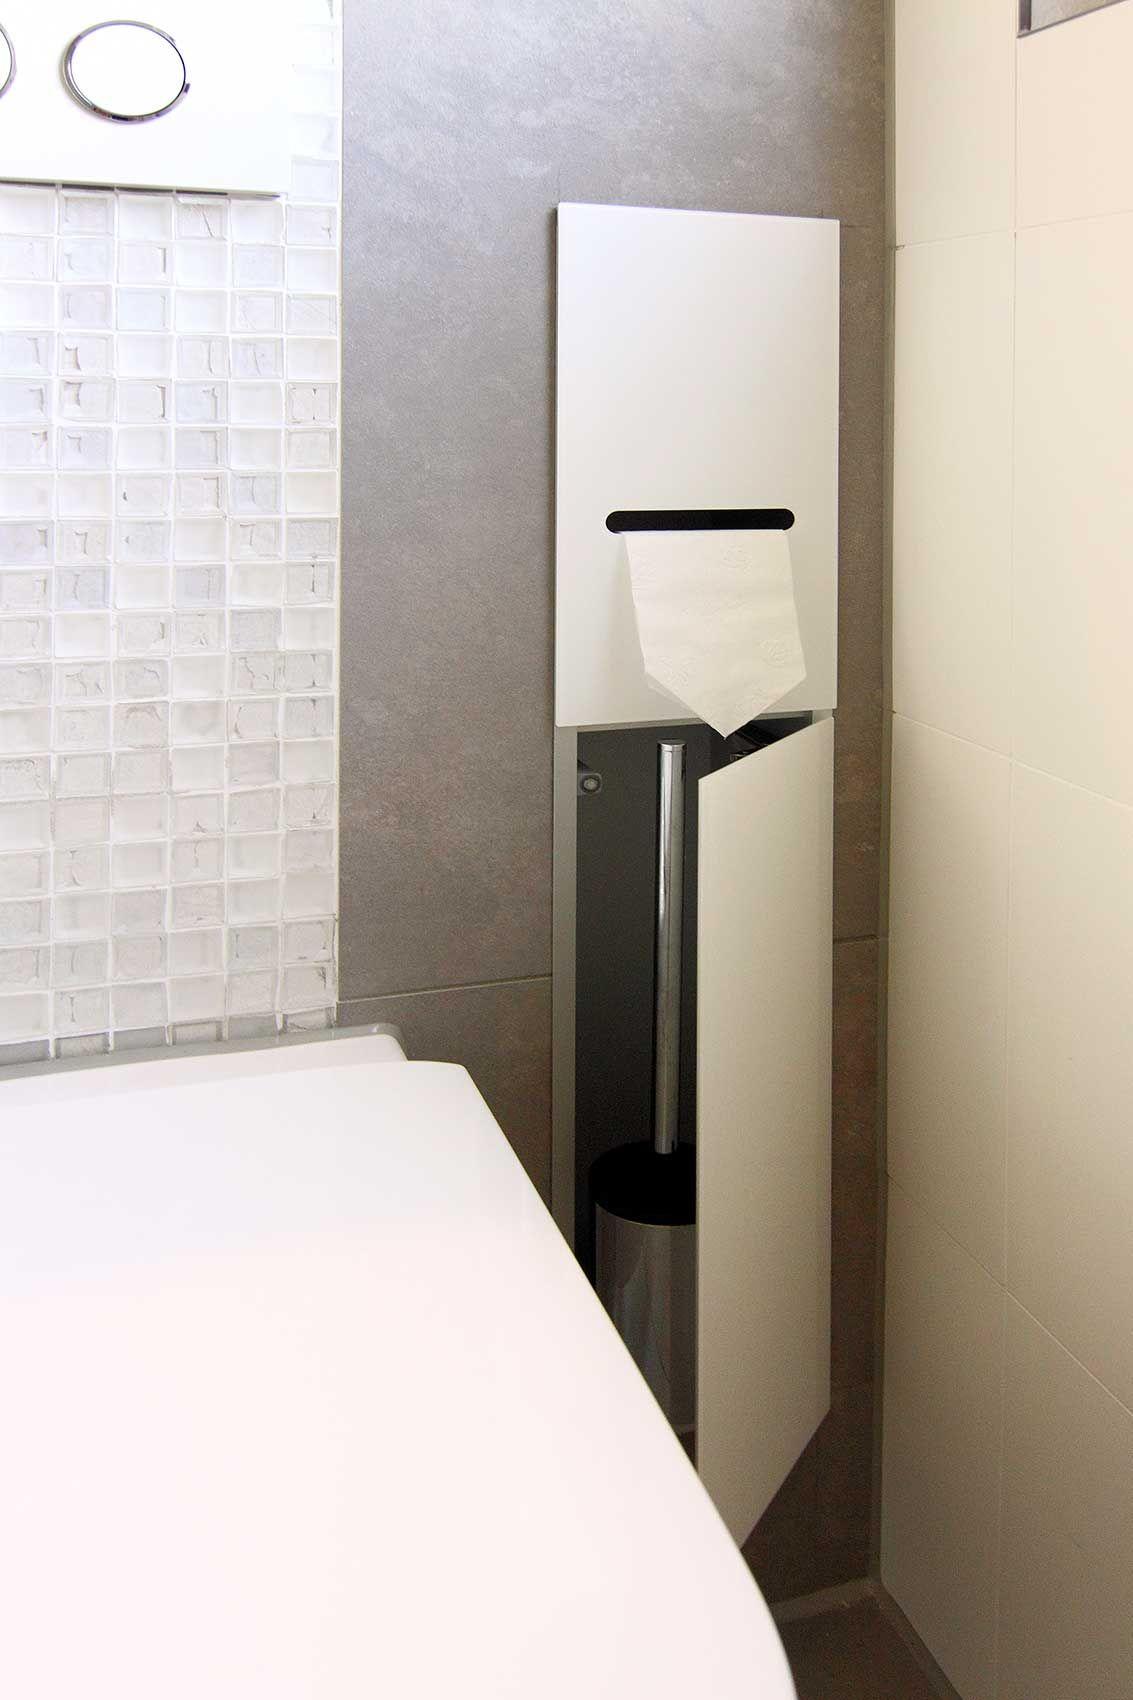 Ausschnitt WC, rechts daneben weißer, eingelassener Schrank in der ...